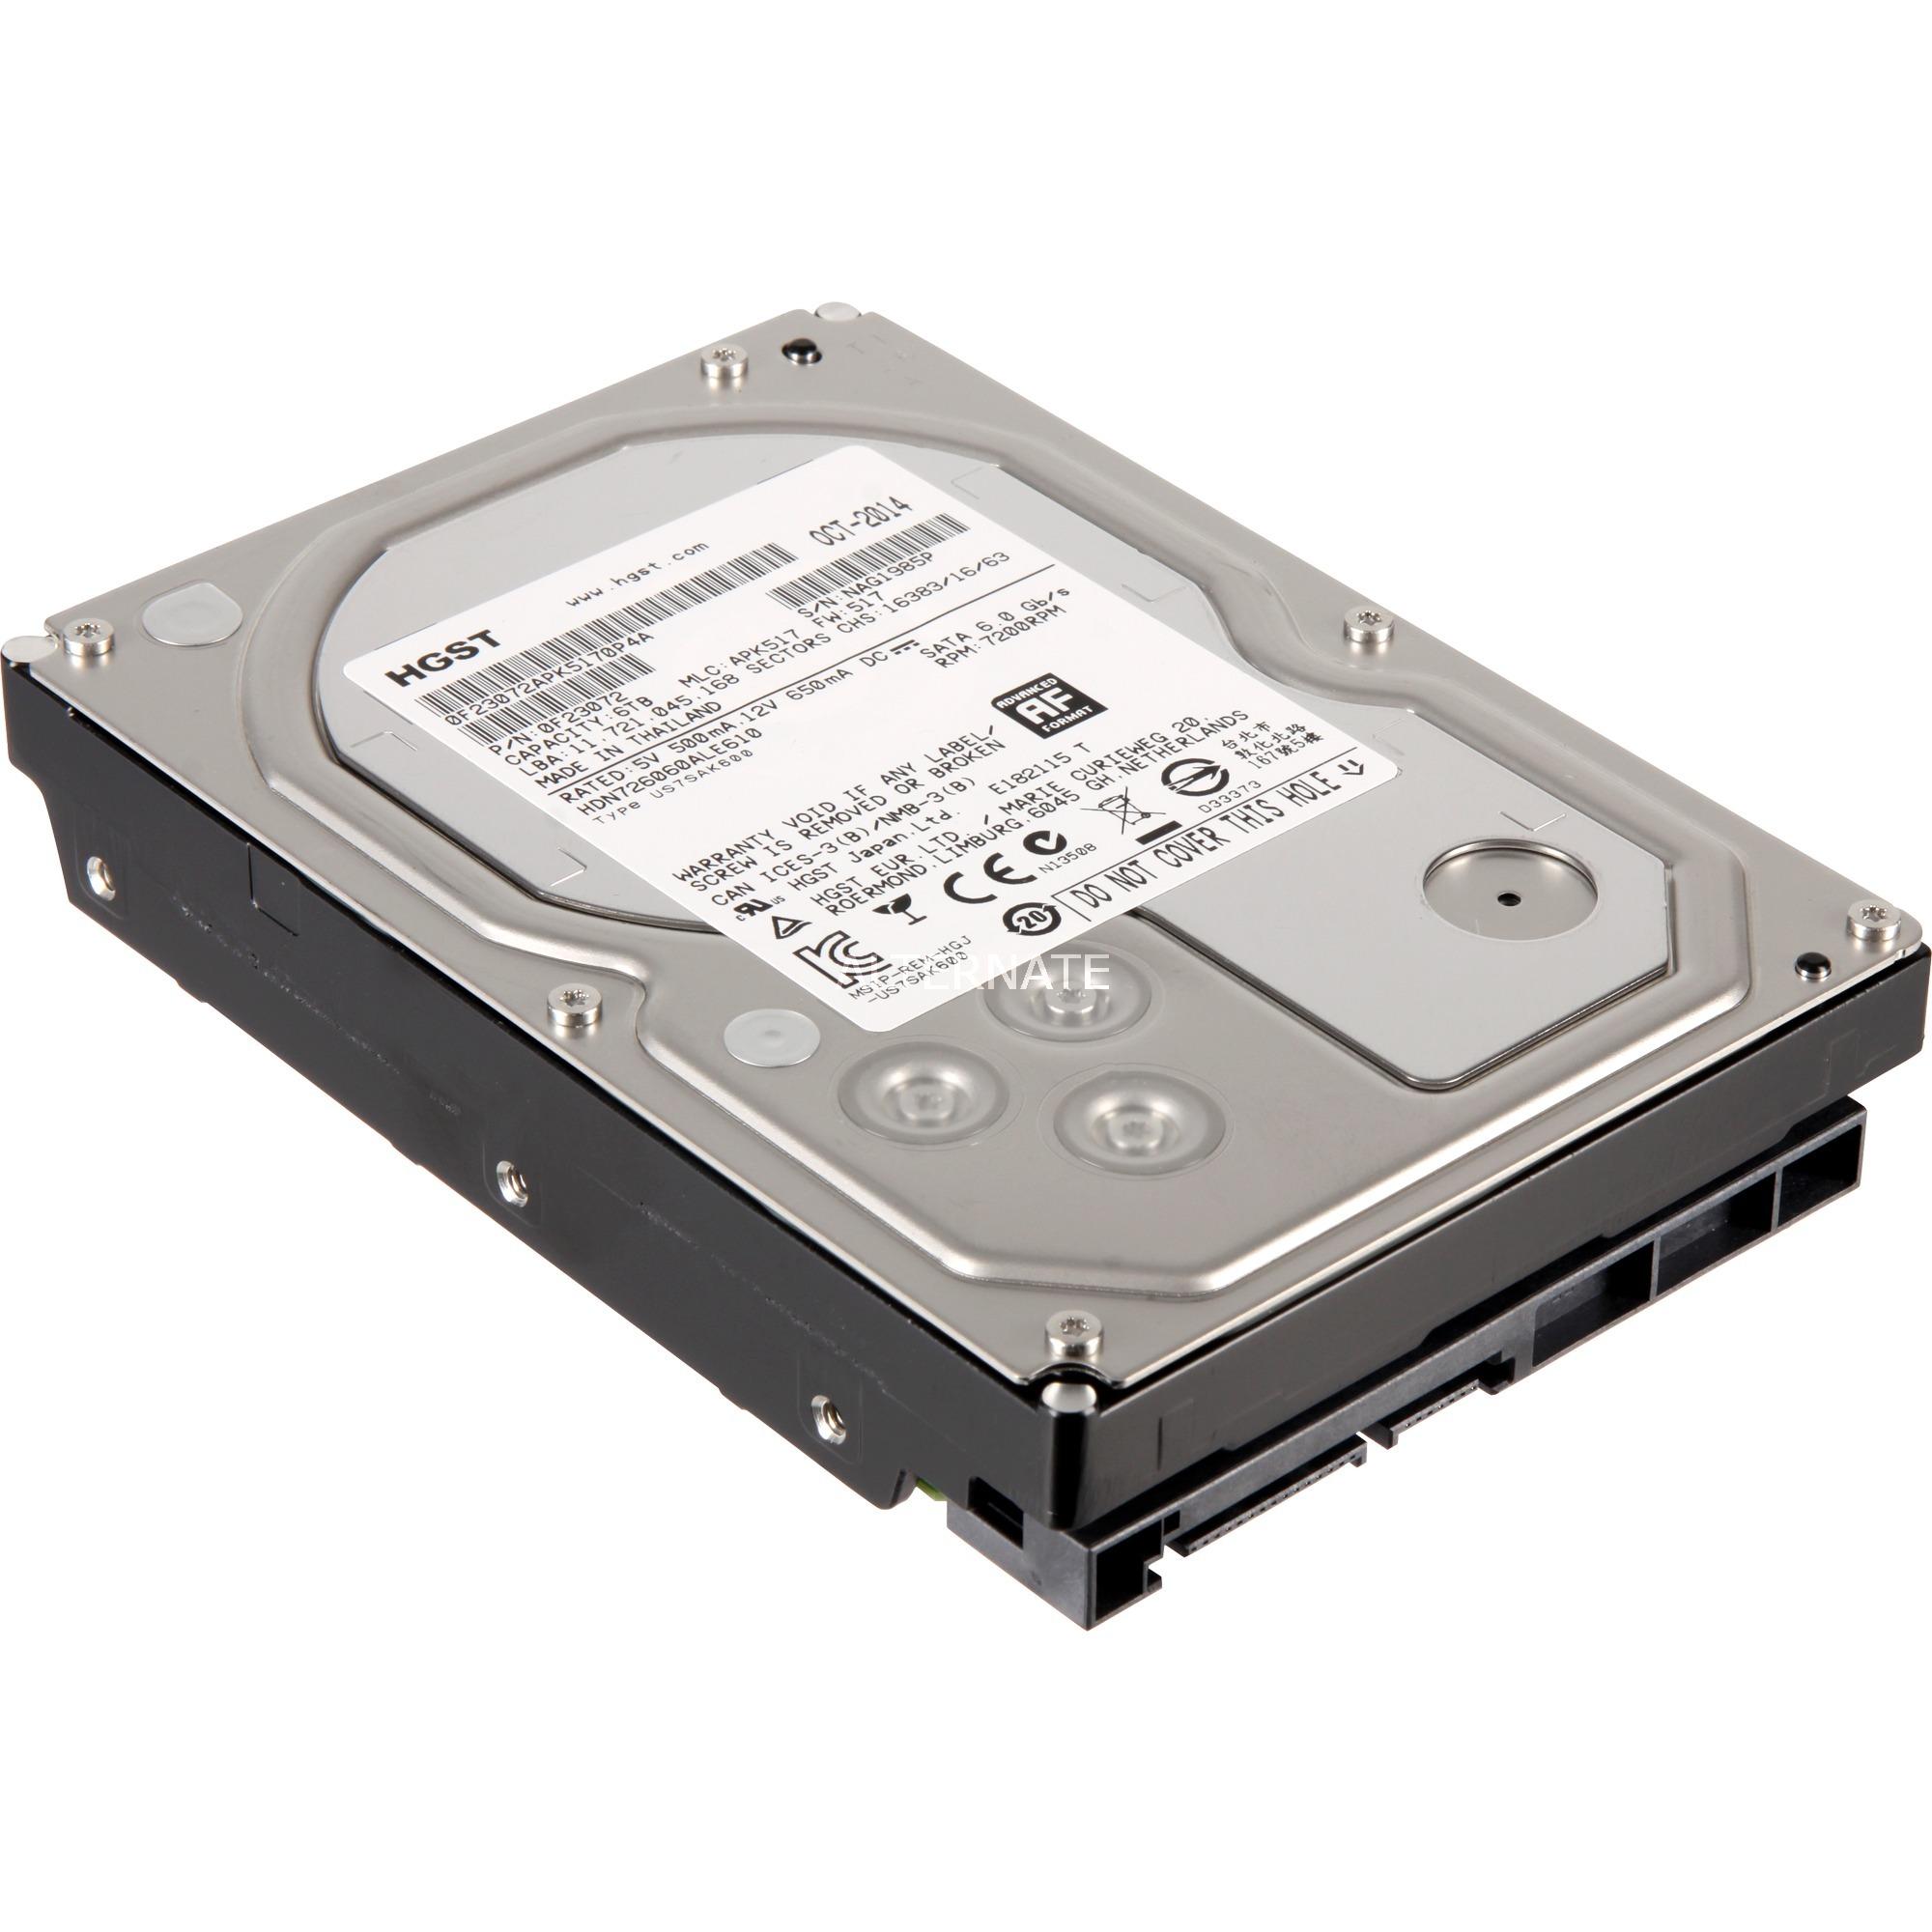 Deskstar 0S04007 6000GB Serial ATA III disco duro interno, Unidad de disco duro